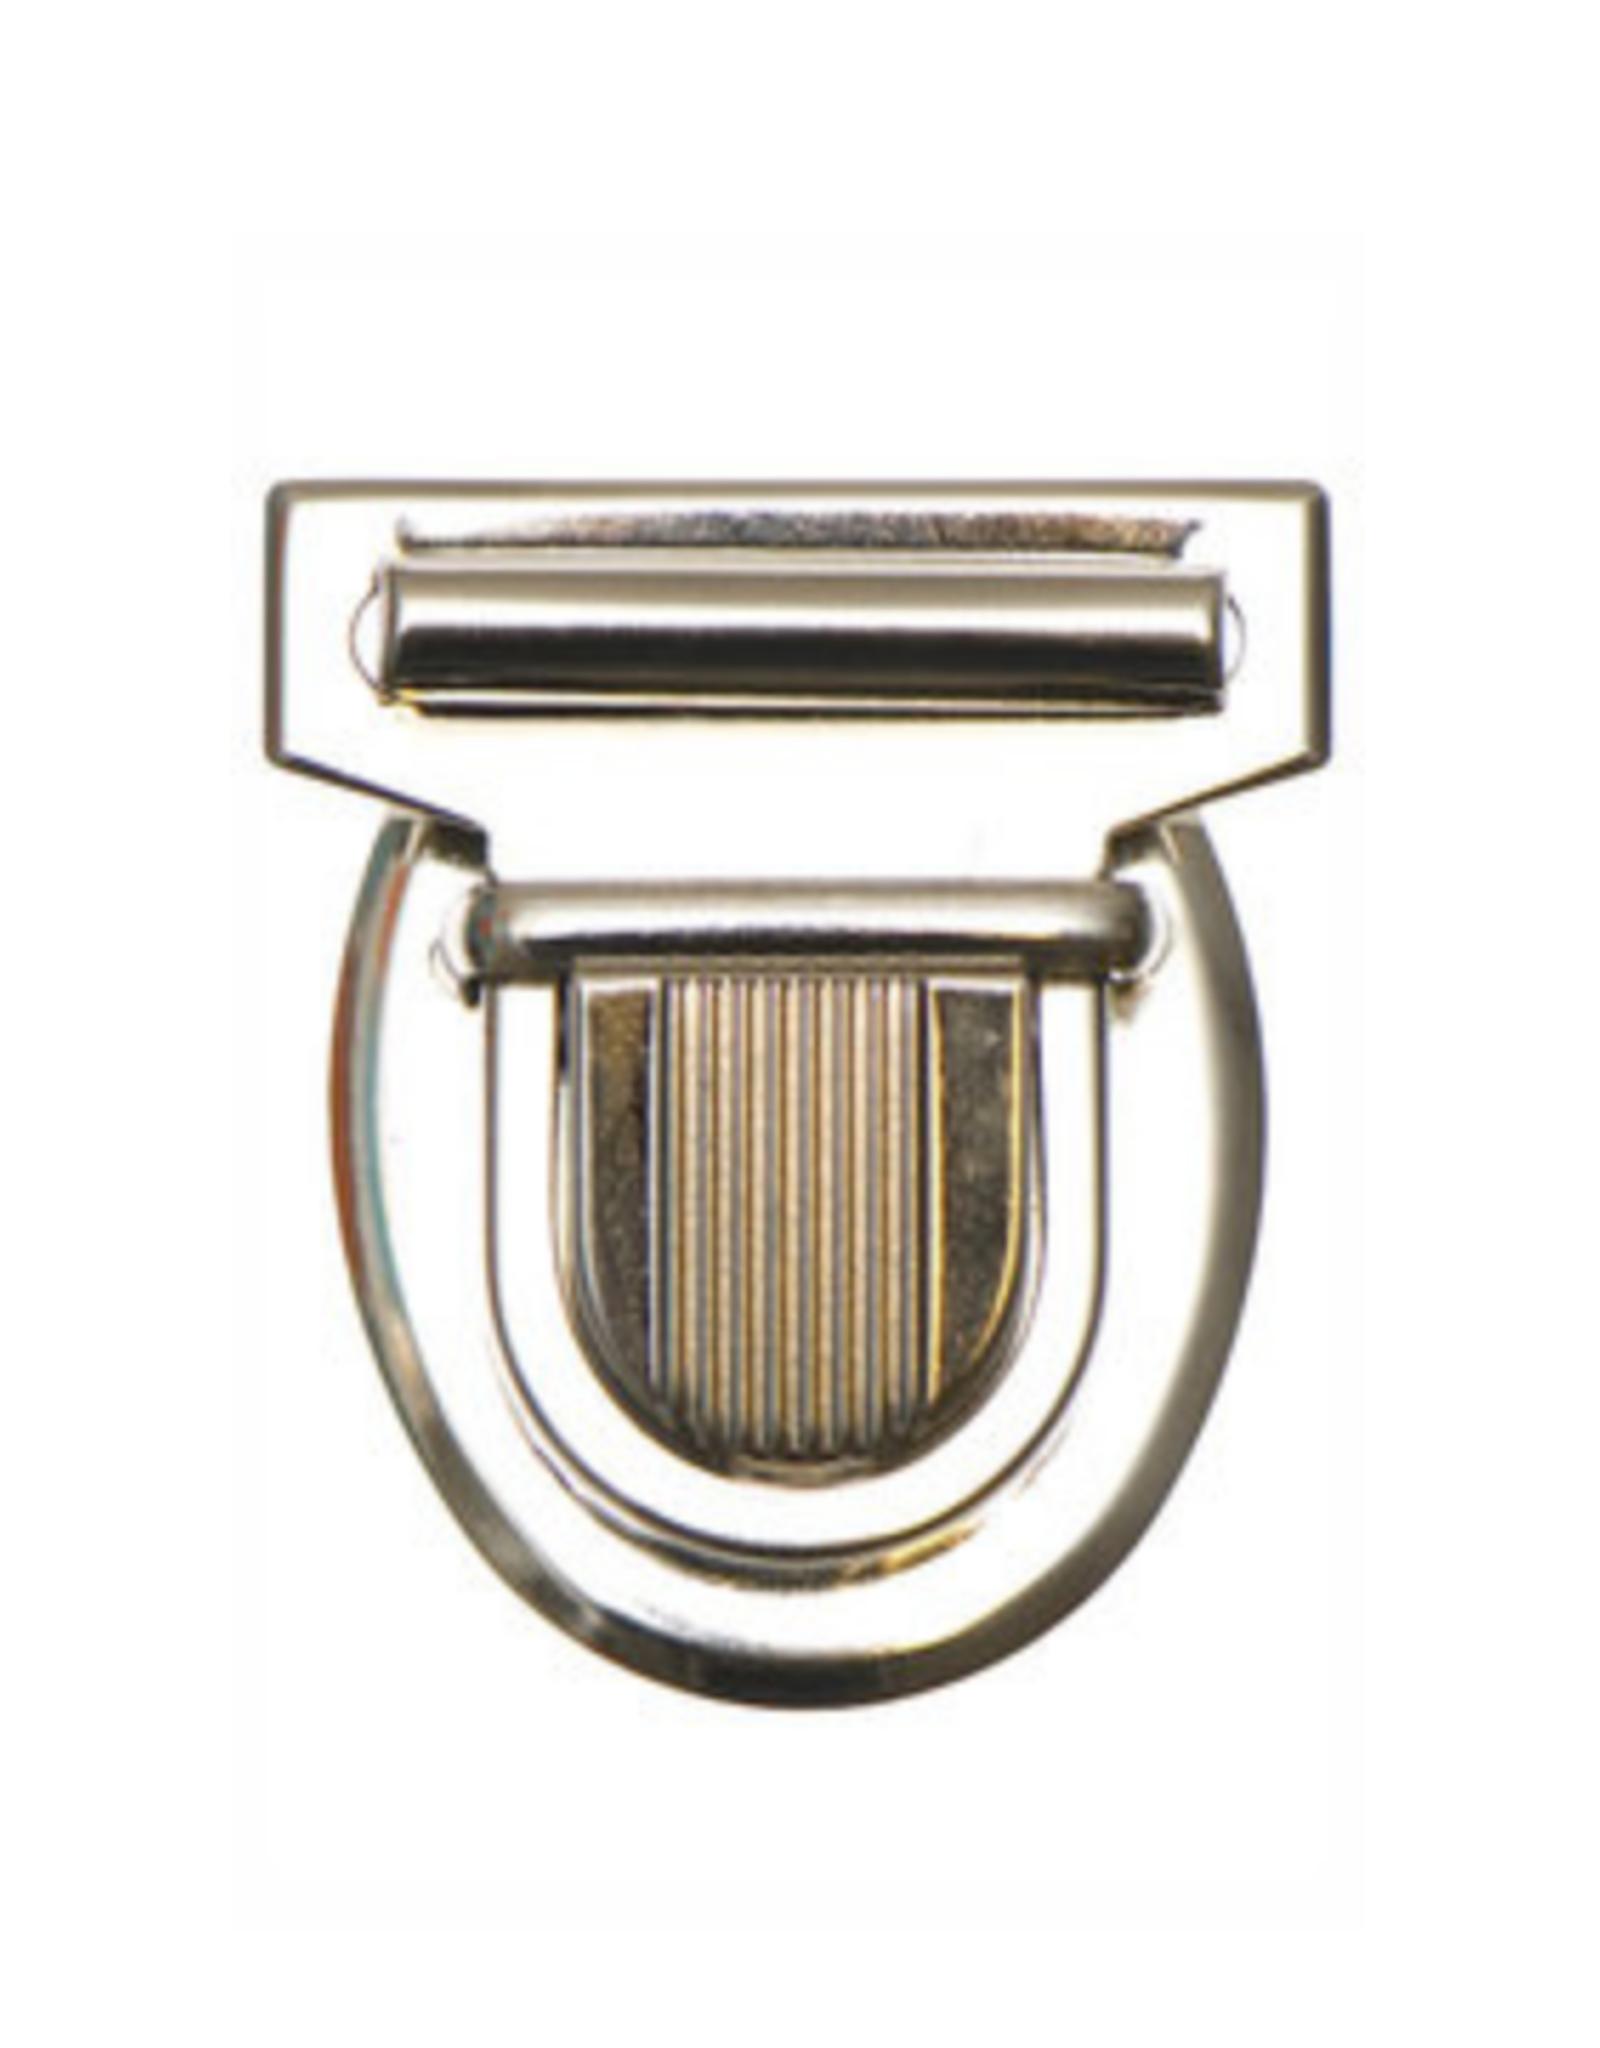 Metalen Tassluiting - 43mm x 53mm